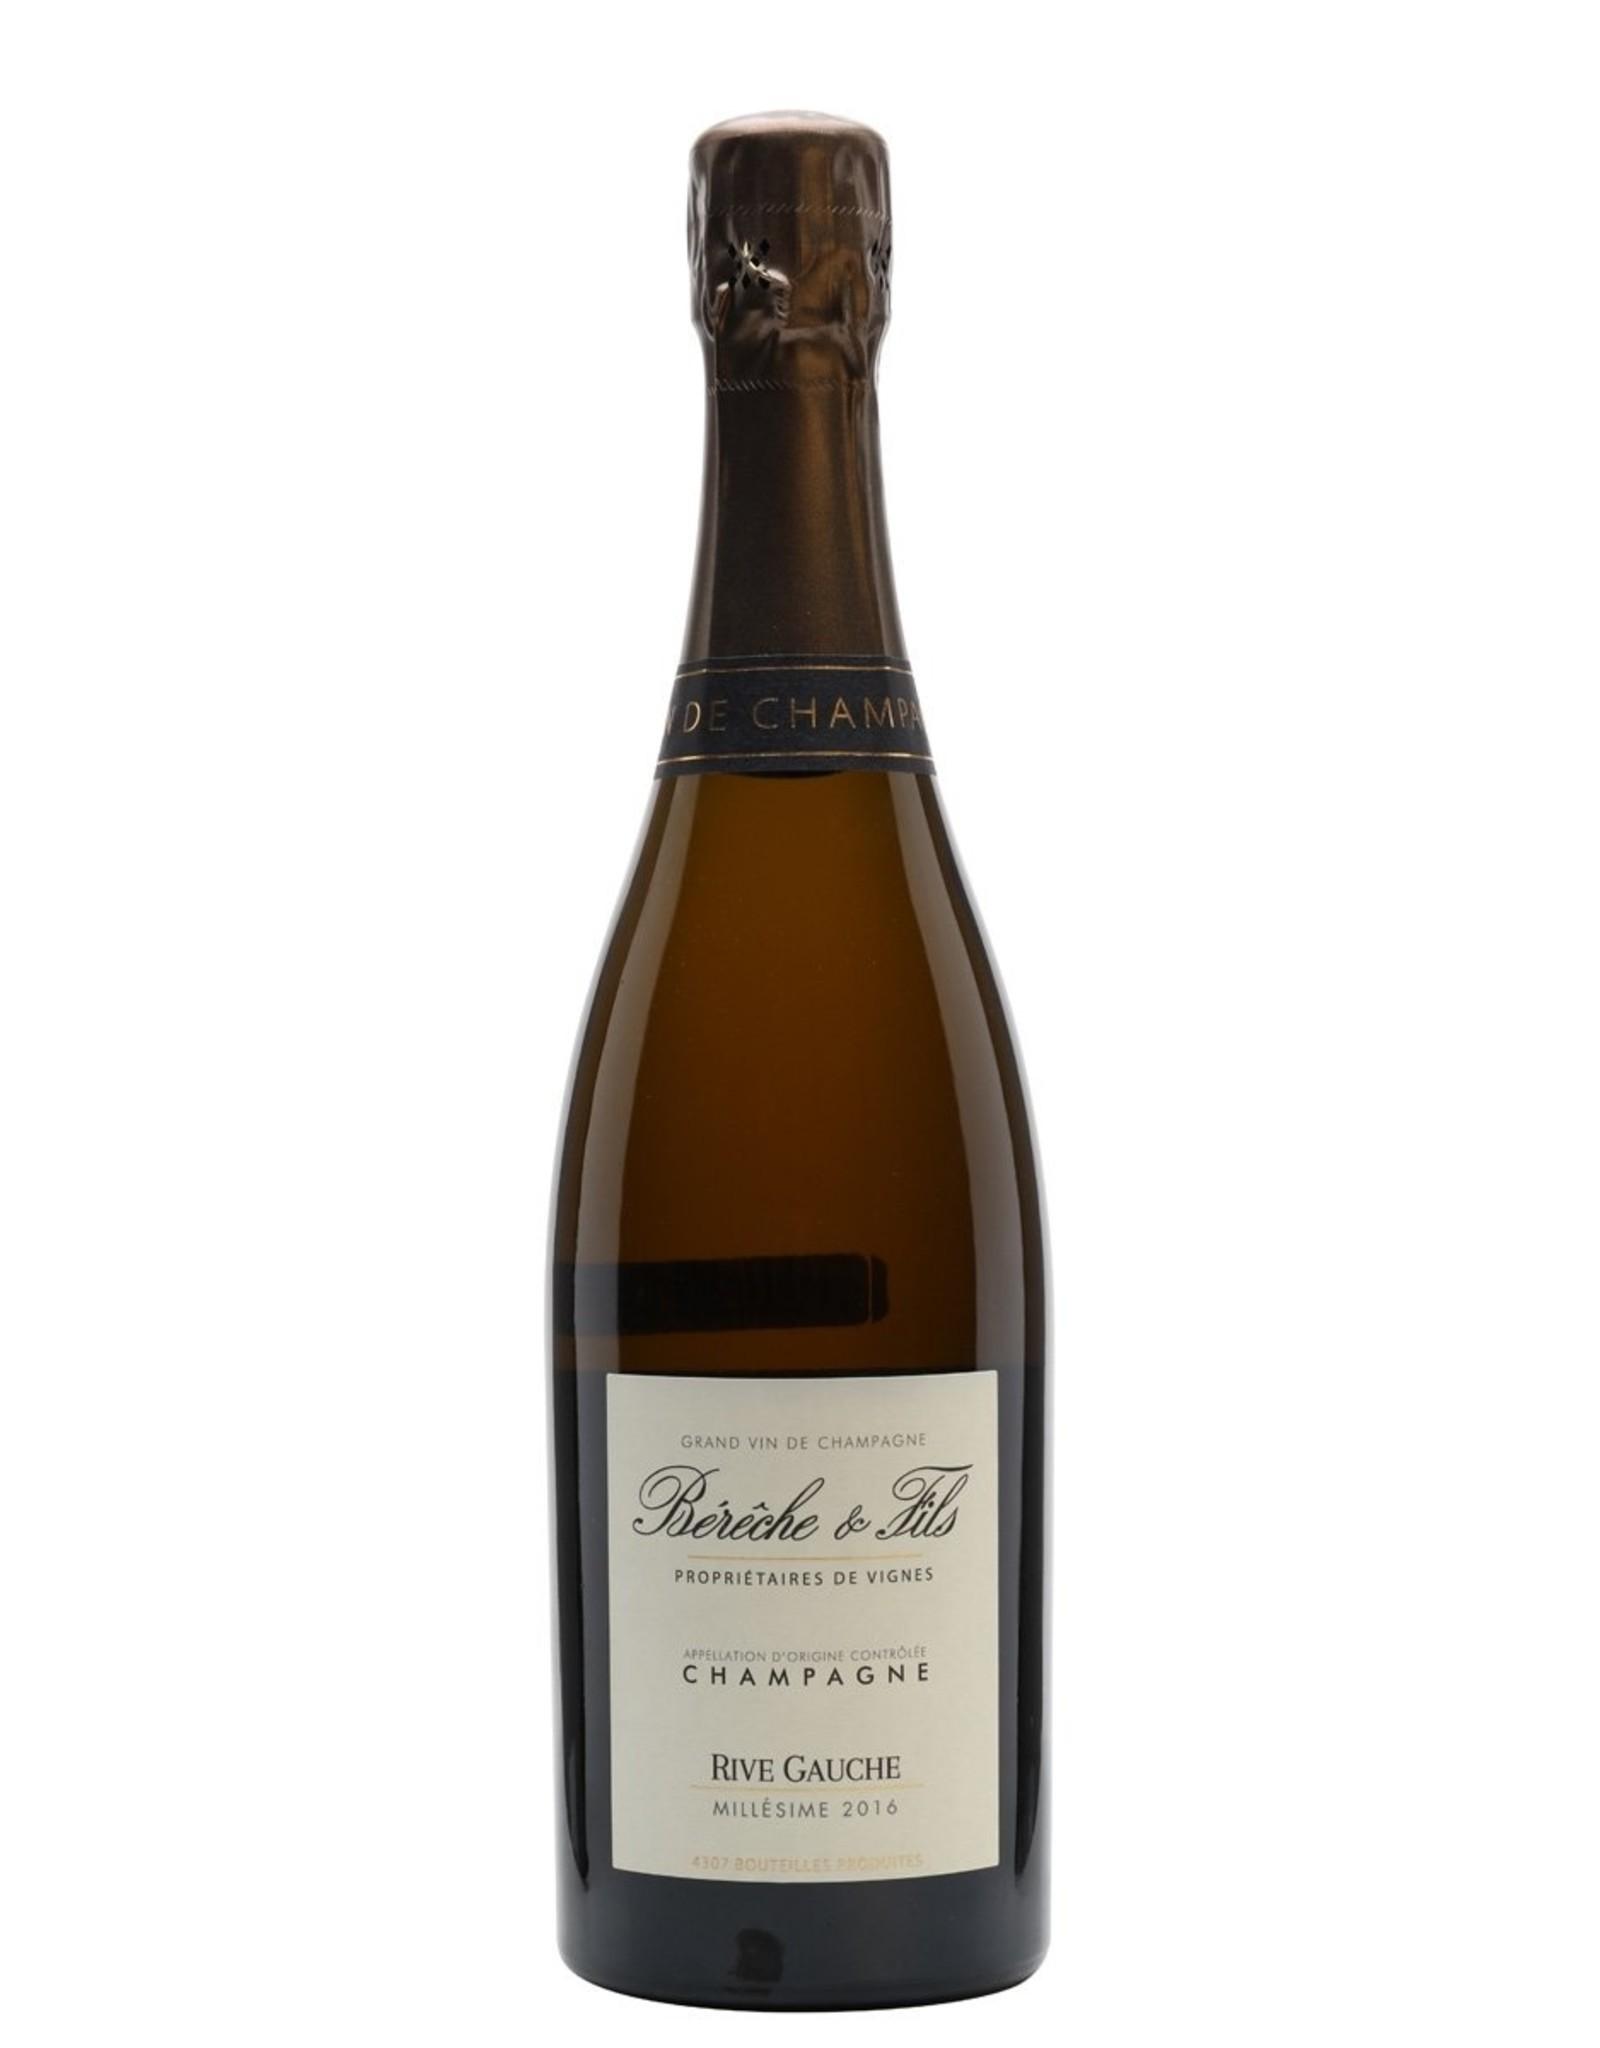 Bérêche et Fils Rives Gauche Brut Champagne